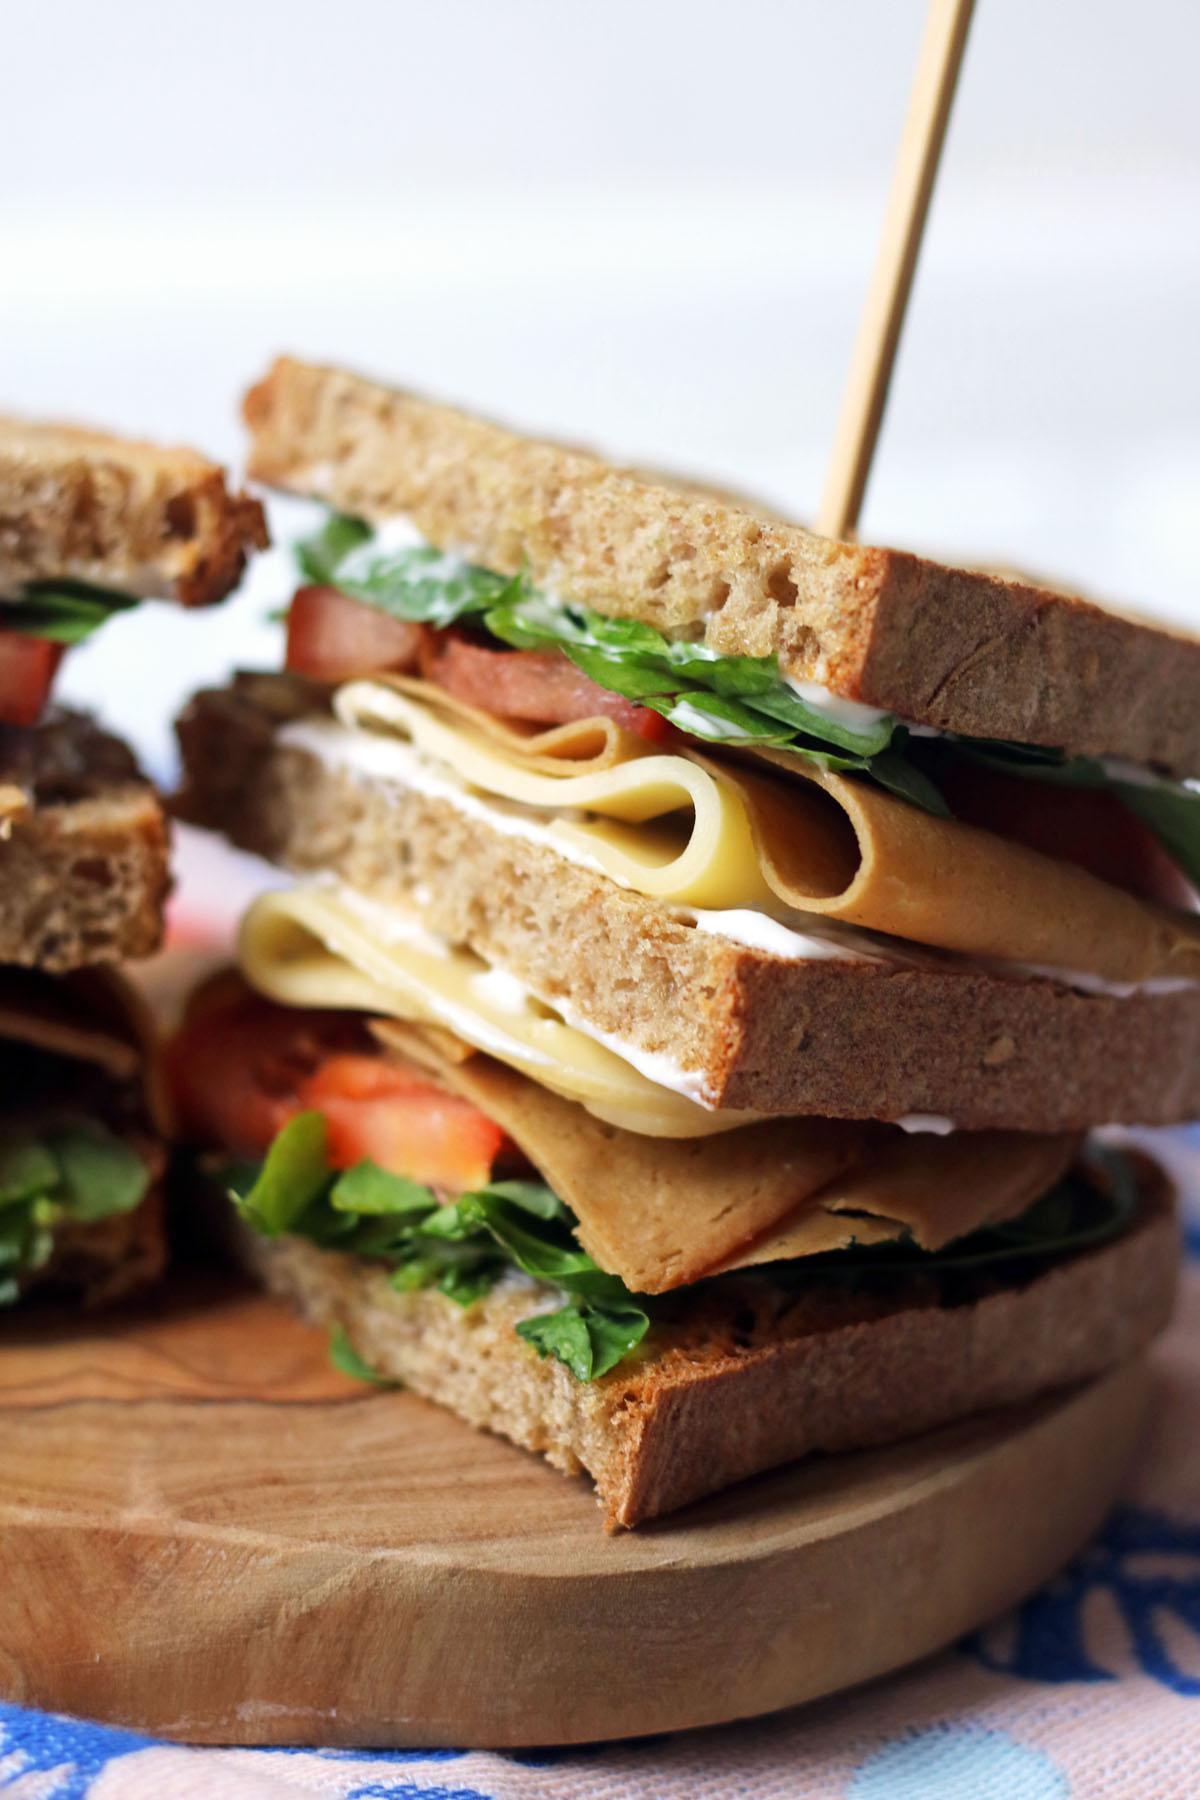 Half of a vegan club sandwich